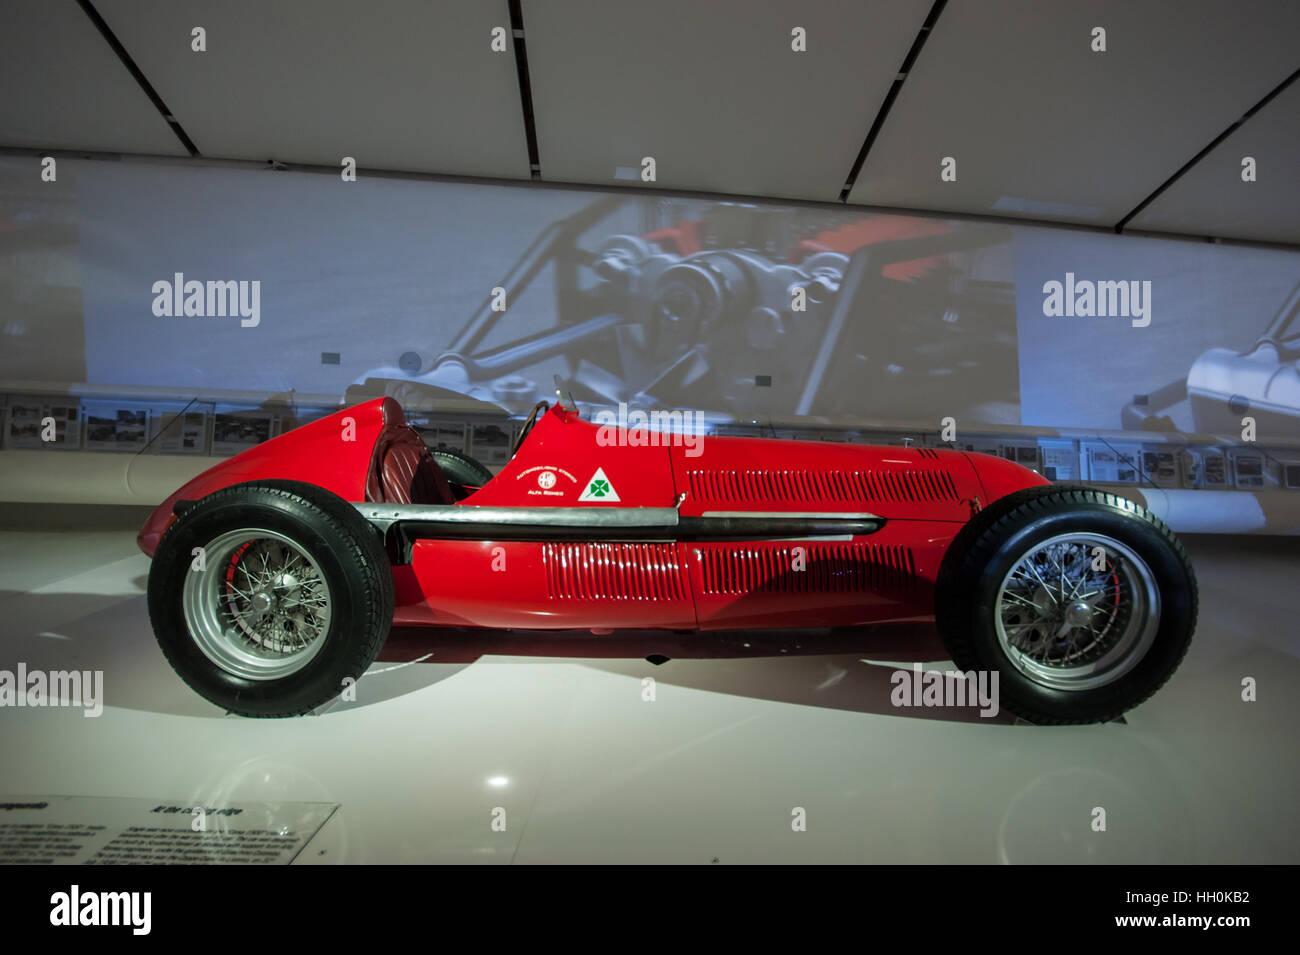 Alfa Romeo Racing Car Stock Photos & Alfa Romeo Racing Car Stock Images - Alamy